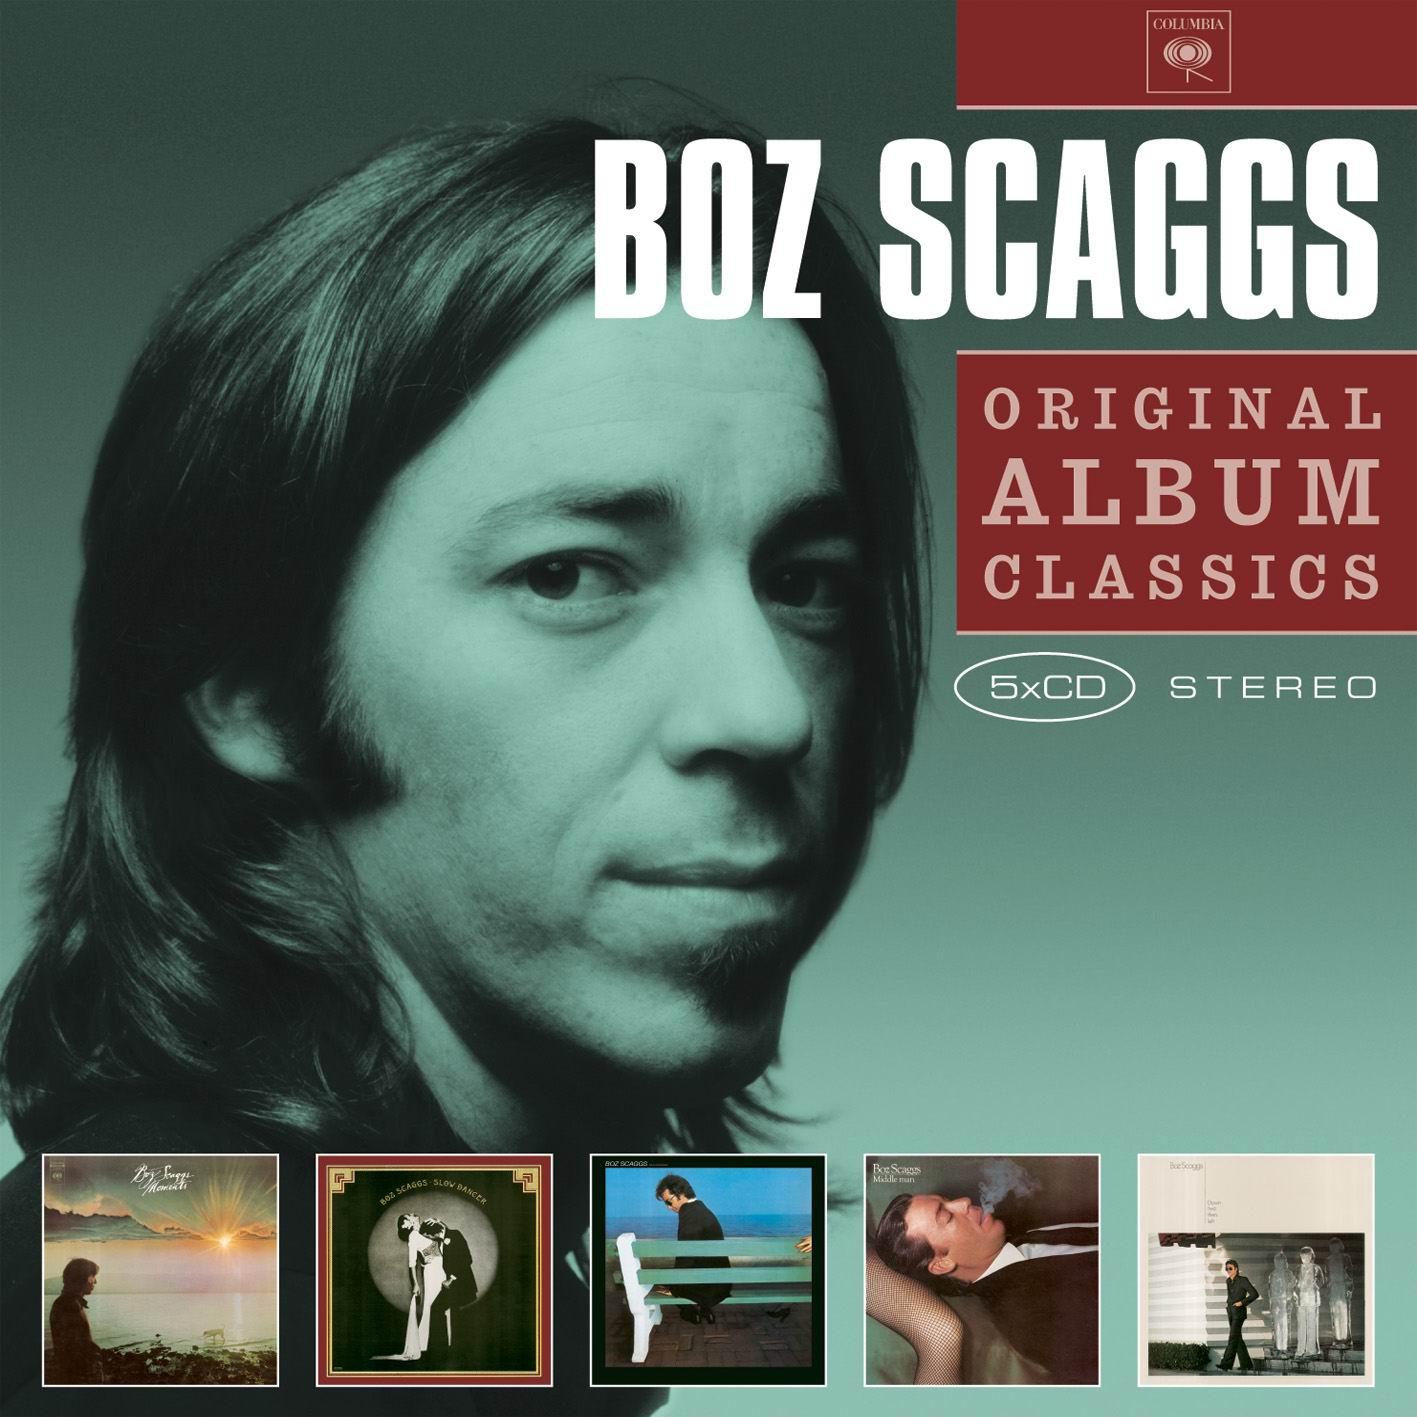 Royce Royce >> Original Album Classics - Boz Scaggs